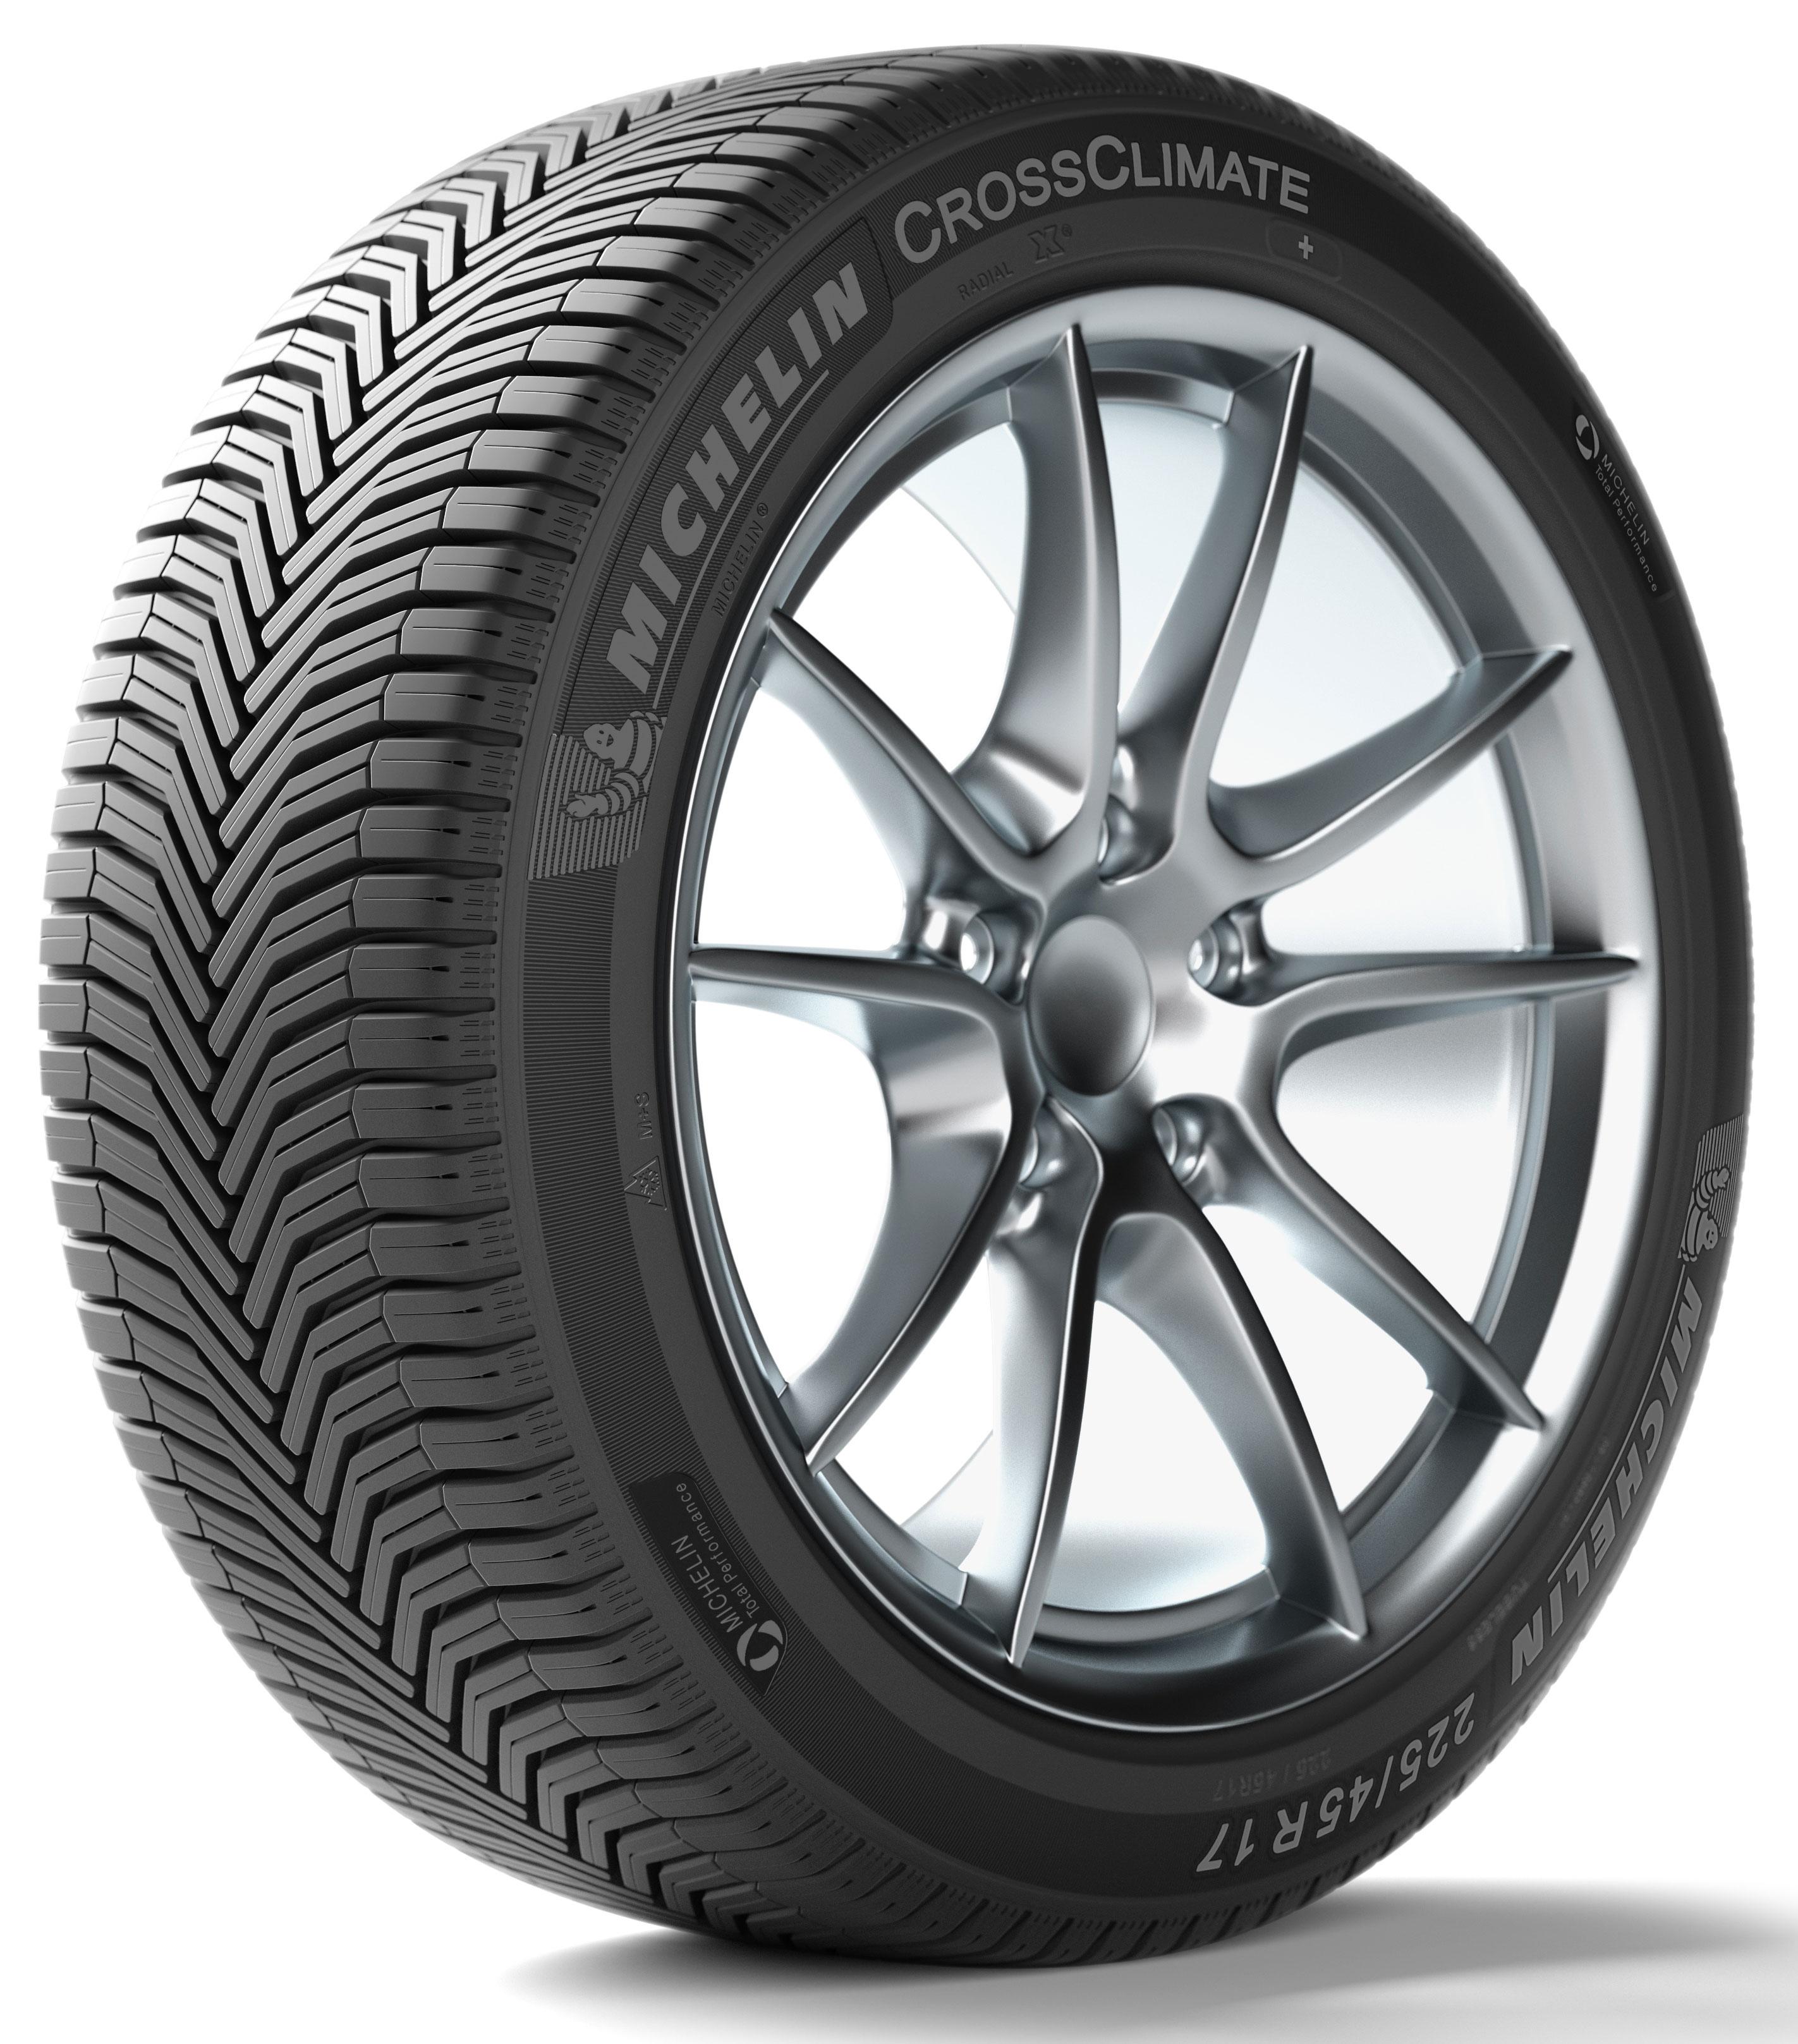 Michelin XL CROSSCLIMATE+ 185/65 R14 90H négyévszakos gumi